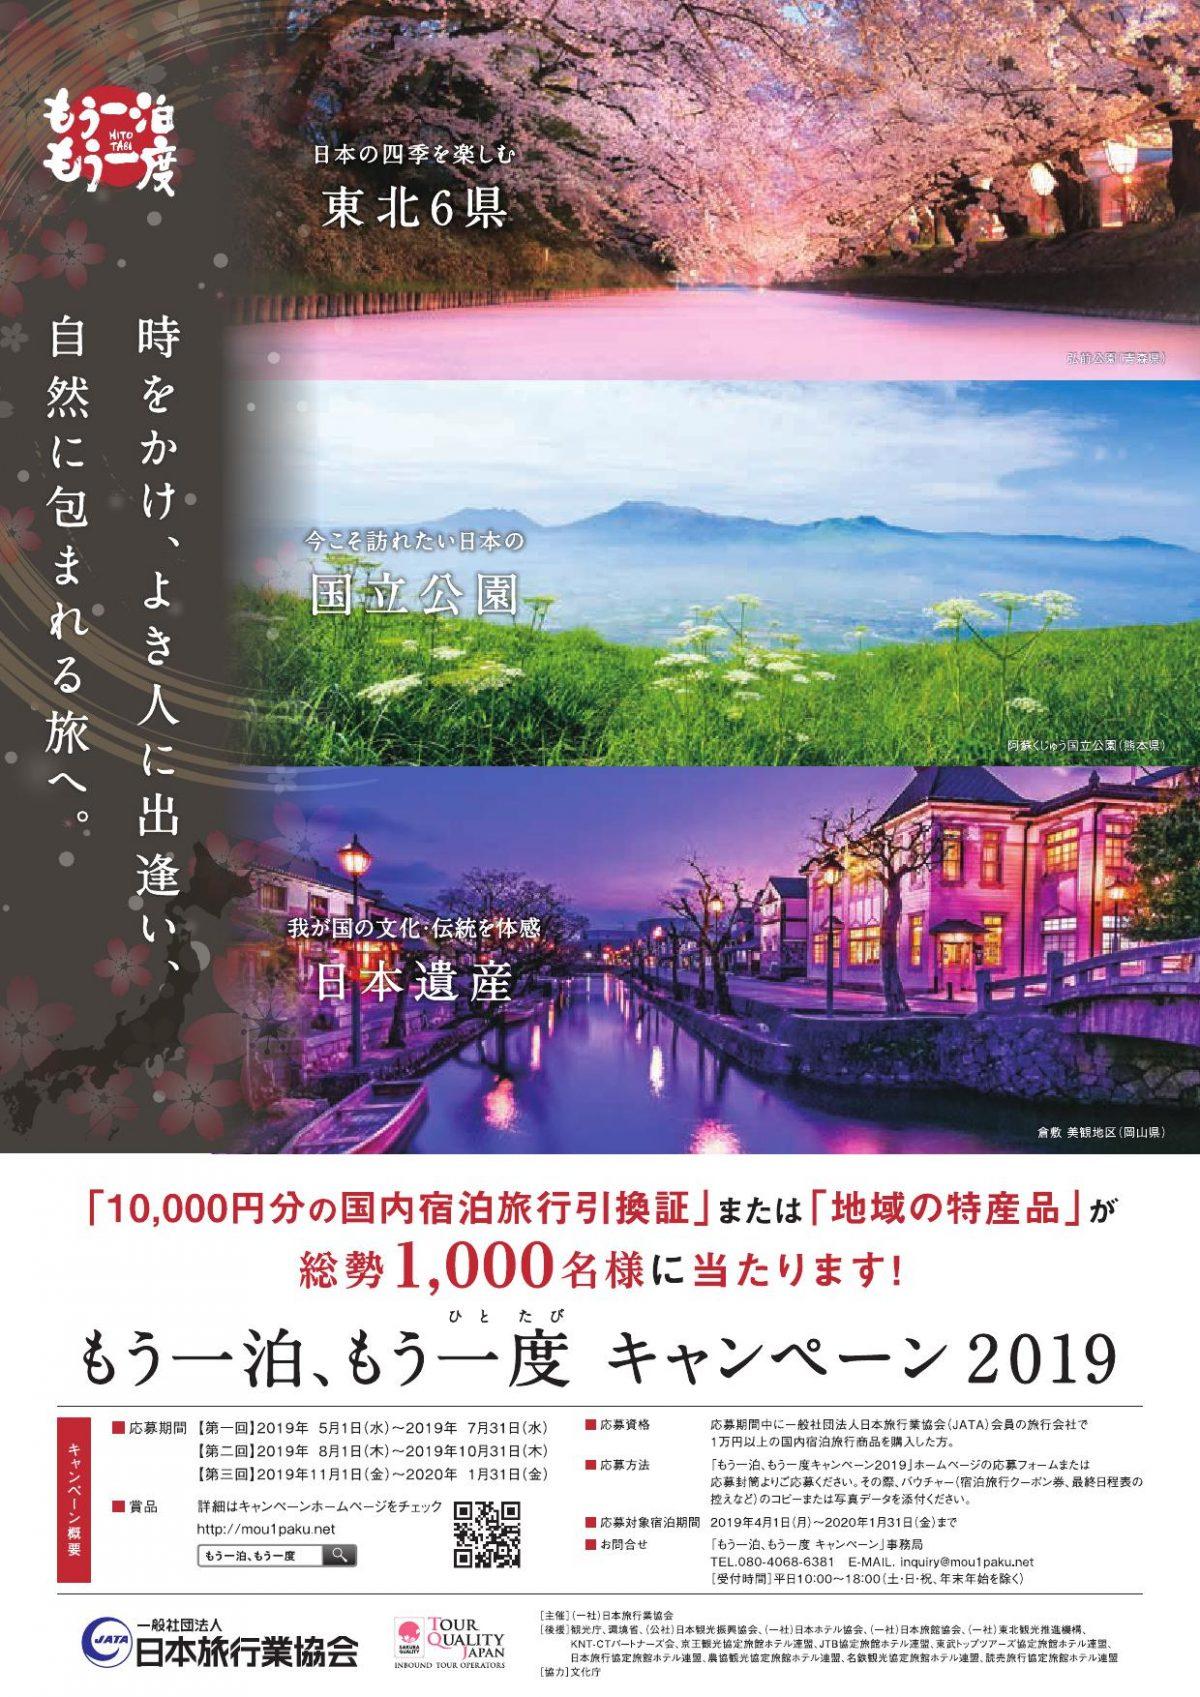 日本 旅行 業 協会